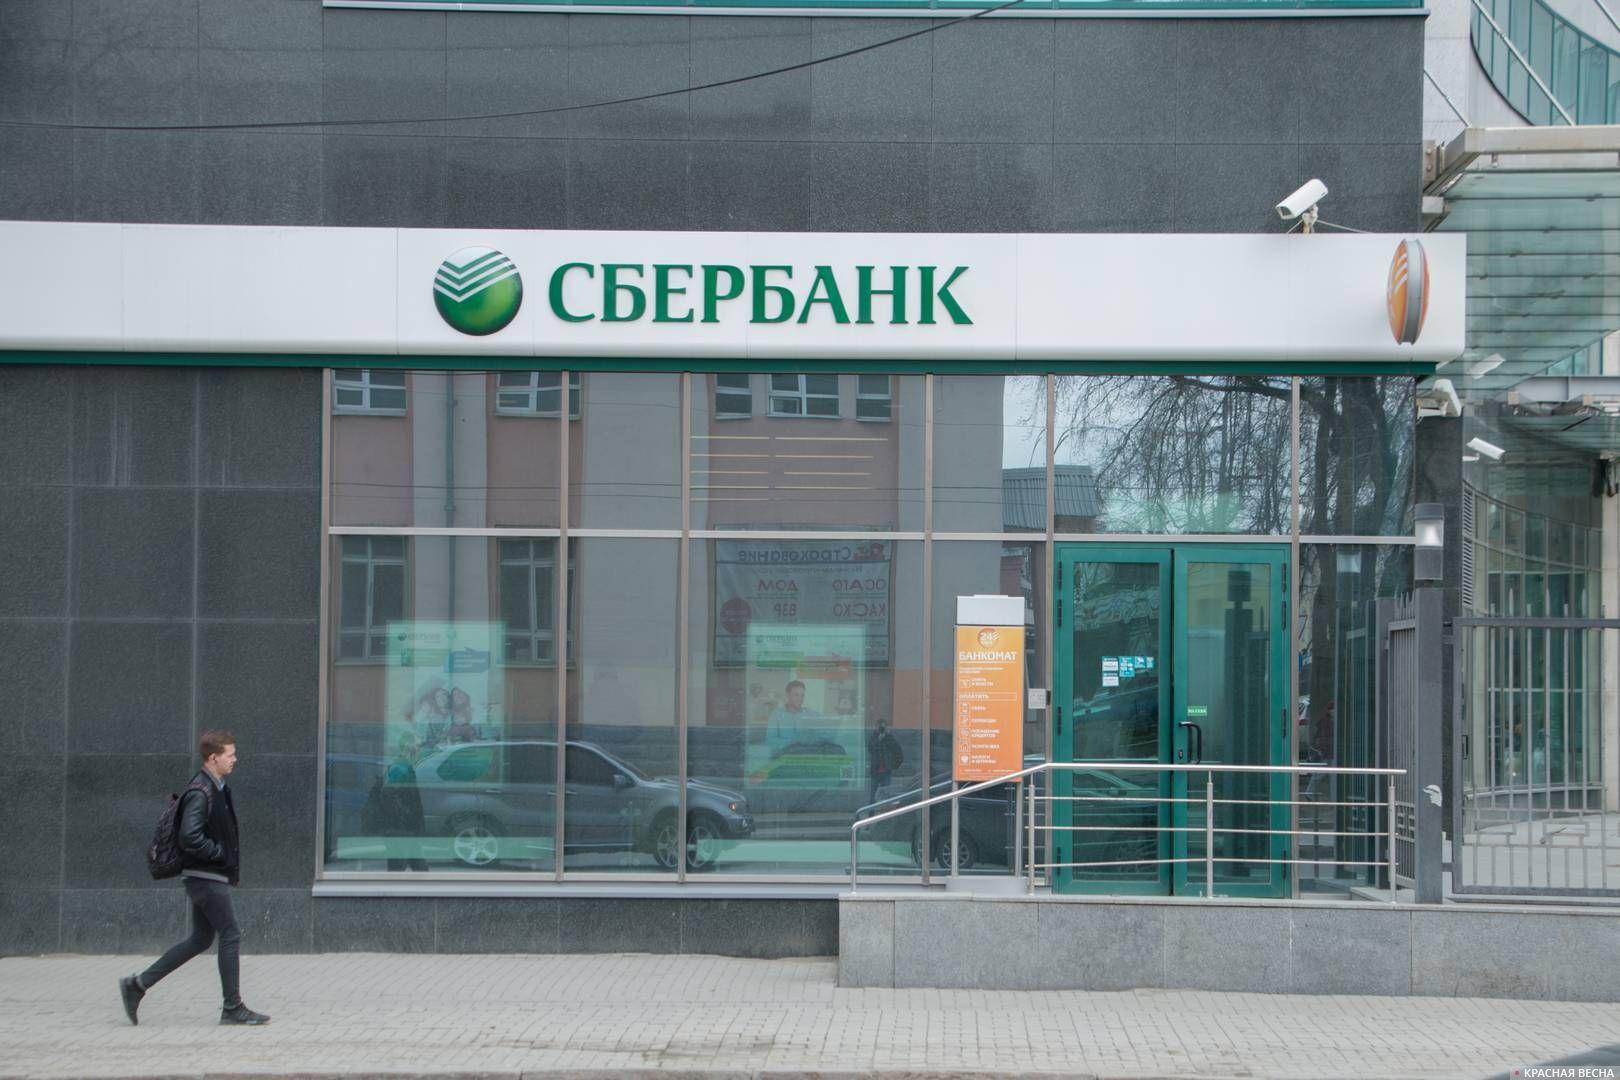 Сбербанк. Екатеринбург.